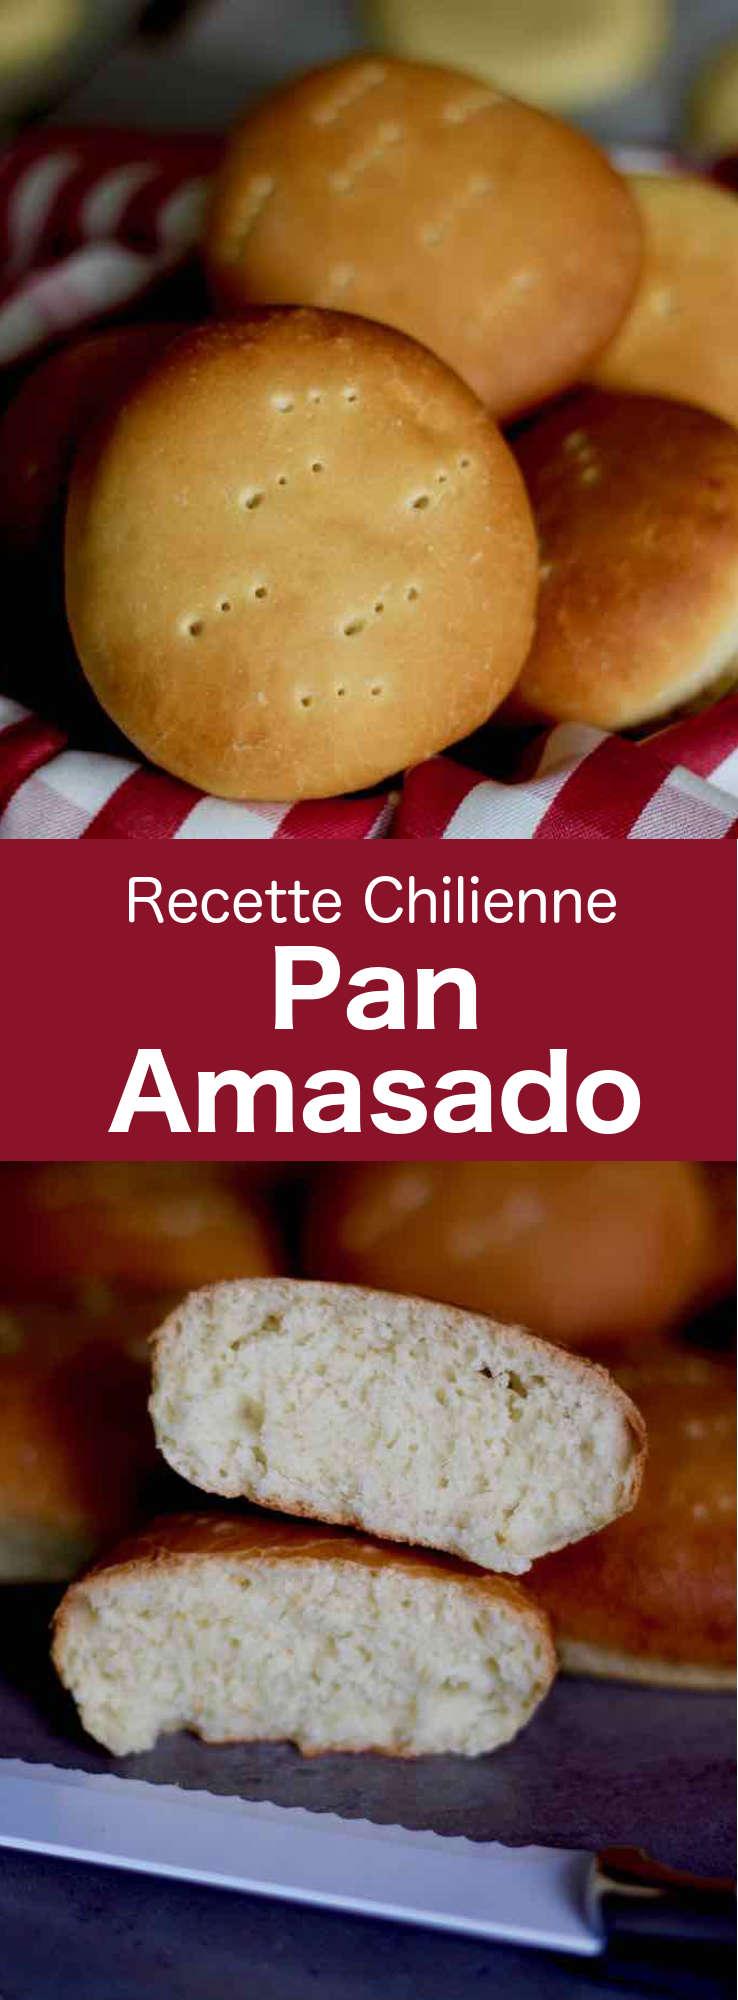 Le pan amasado est un pain rond et un peu plat, traditionnel du Chili, qui sert à déguster le pebre ou encore à faire de délicieux sandwiches. #Chili #RecetteChilienne #CuisineChilienne #CuisineDuMonde #196flavors